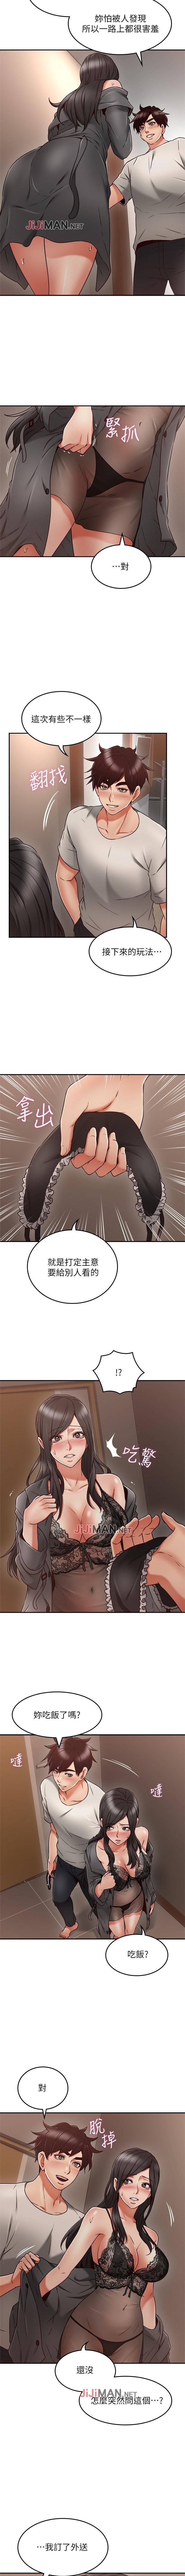 【周六更新】邻居人妻(作者:李周元 & 頸枕) 第1~50话 239